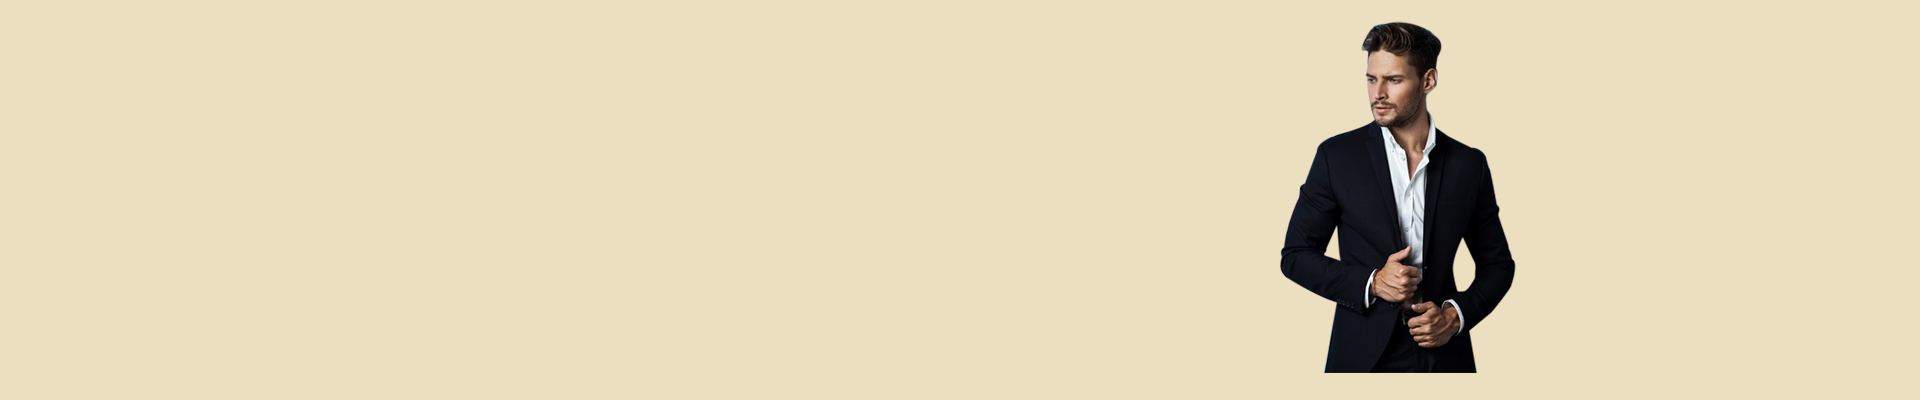 Jual Blazer & Jas Pria Online Kualitas Terbaik